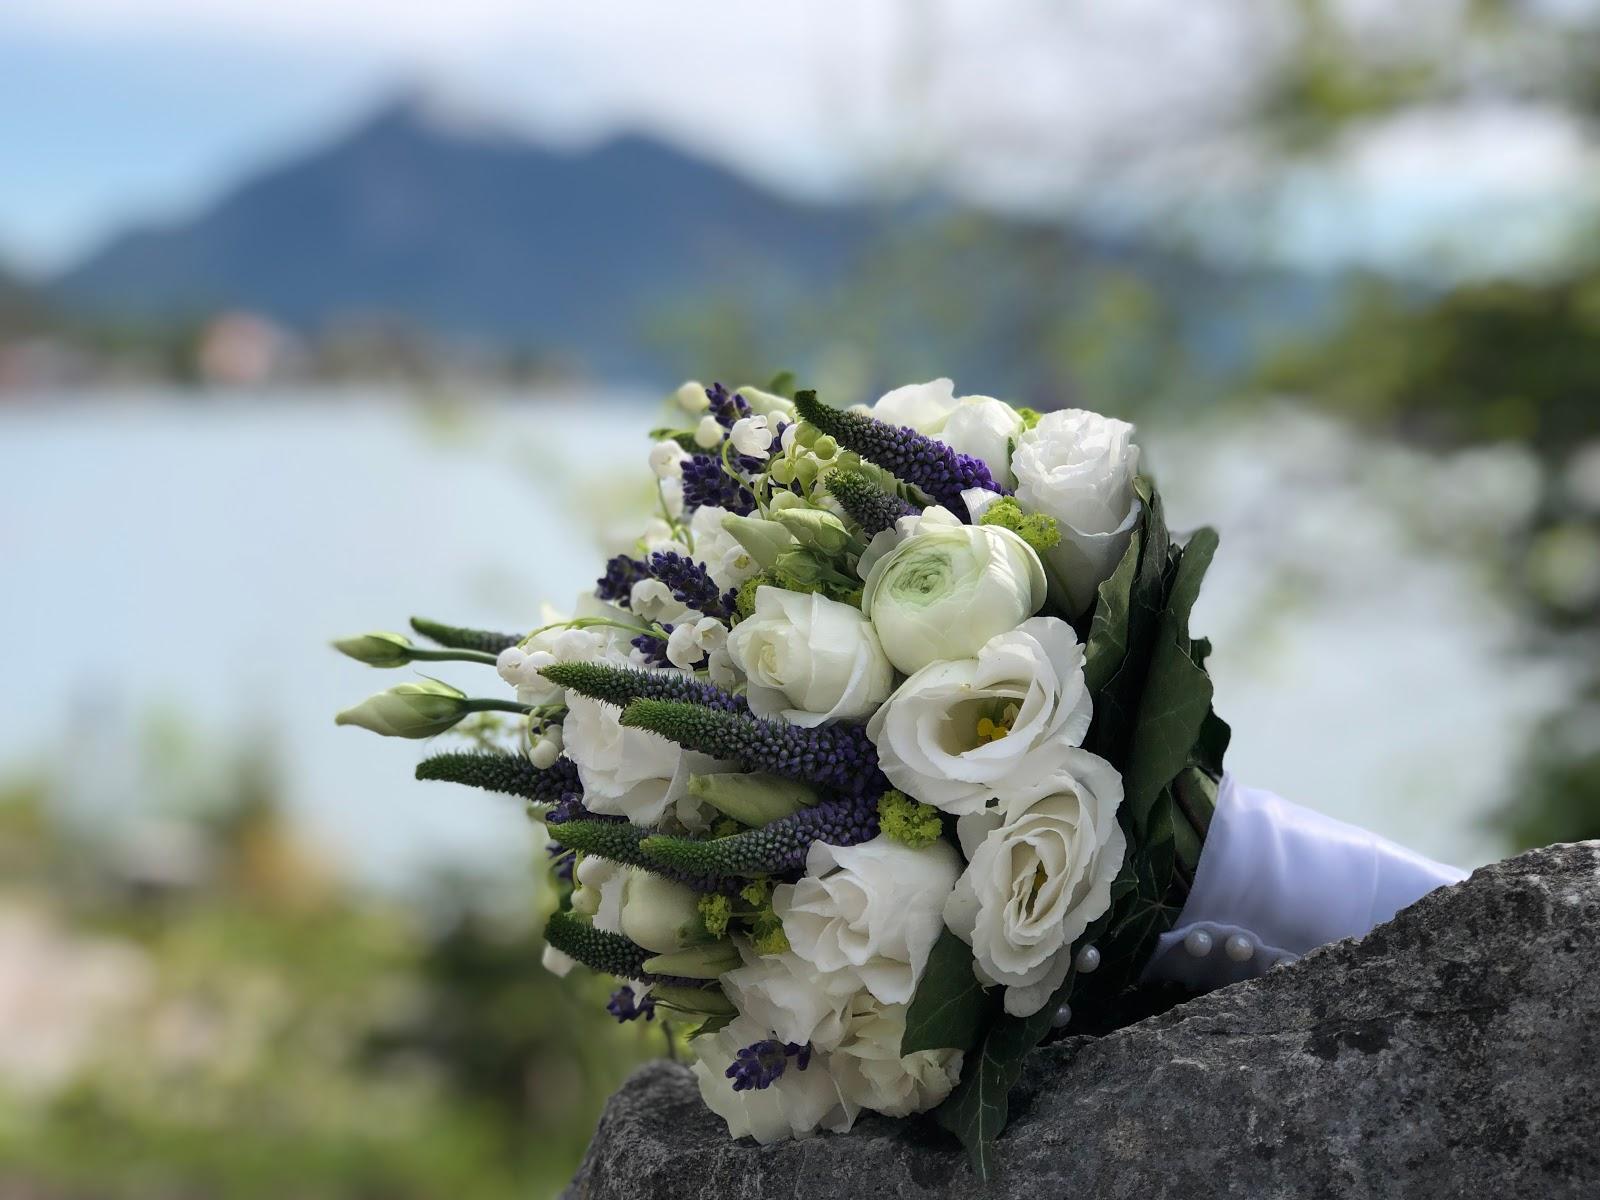 destination wedding, mountain wedding, wedding in Bavaria, wedding planner, 4 weddings & events, Uschi Glas, Garmisch-Partenkirchen, Zugspitze, Garmisch wedding, Germany, wedding coordinator